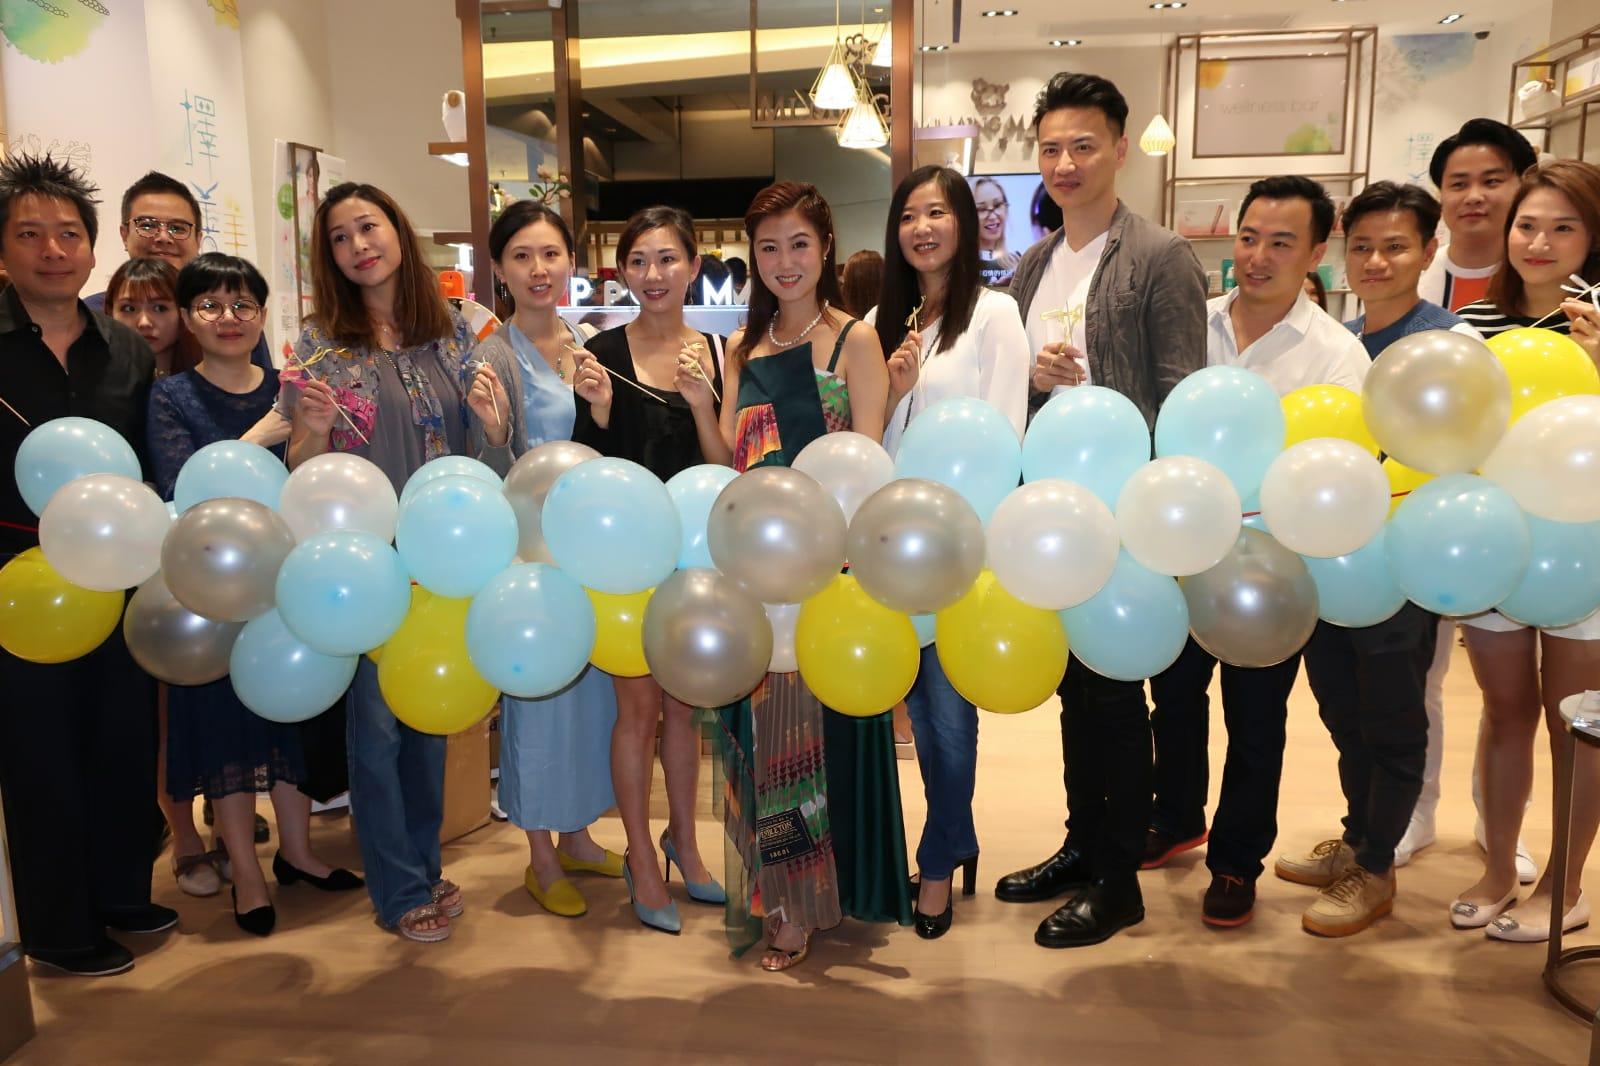 袁彌明經營的生活百貨今年邁向十周年,第十間新店今日開幕